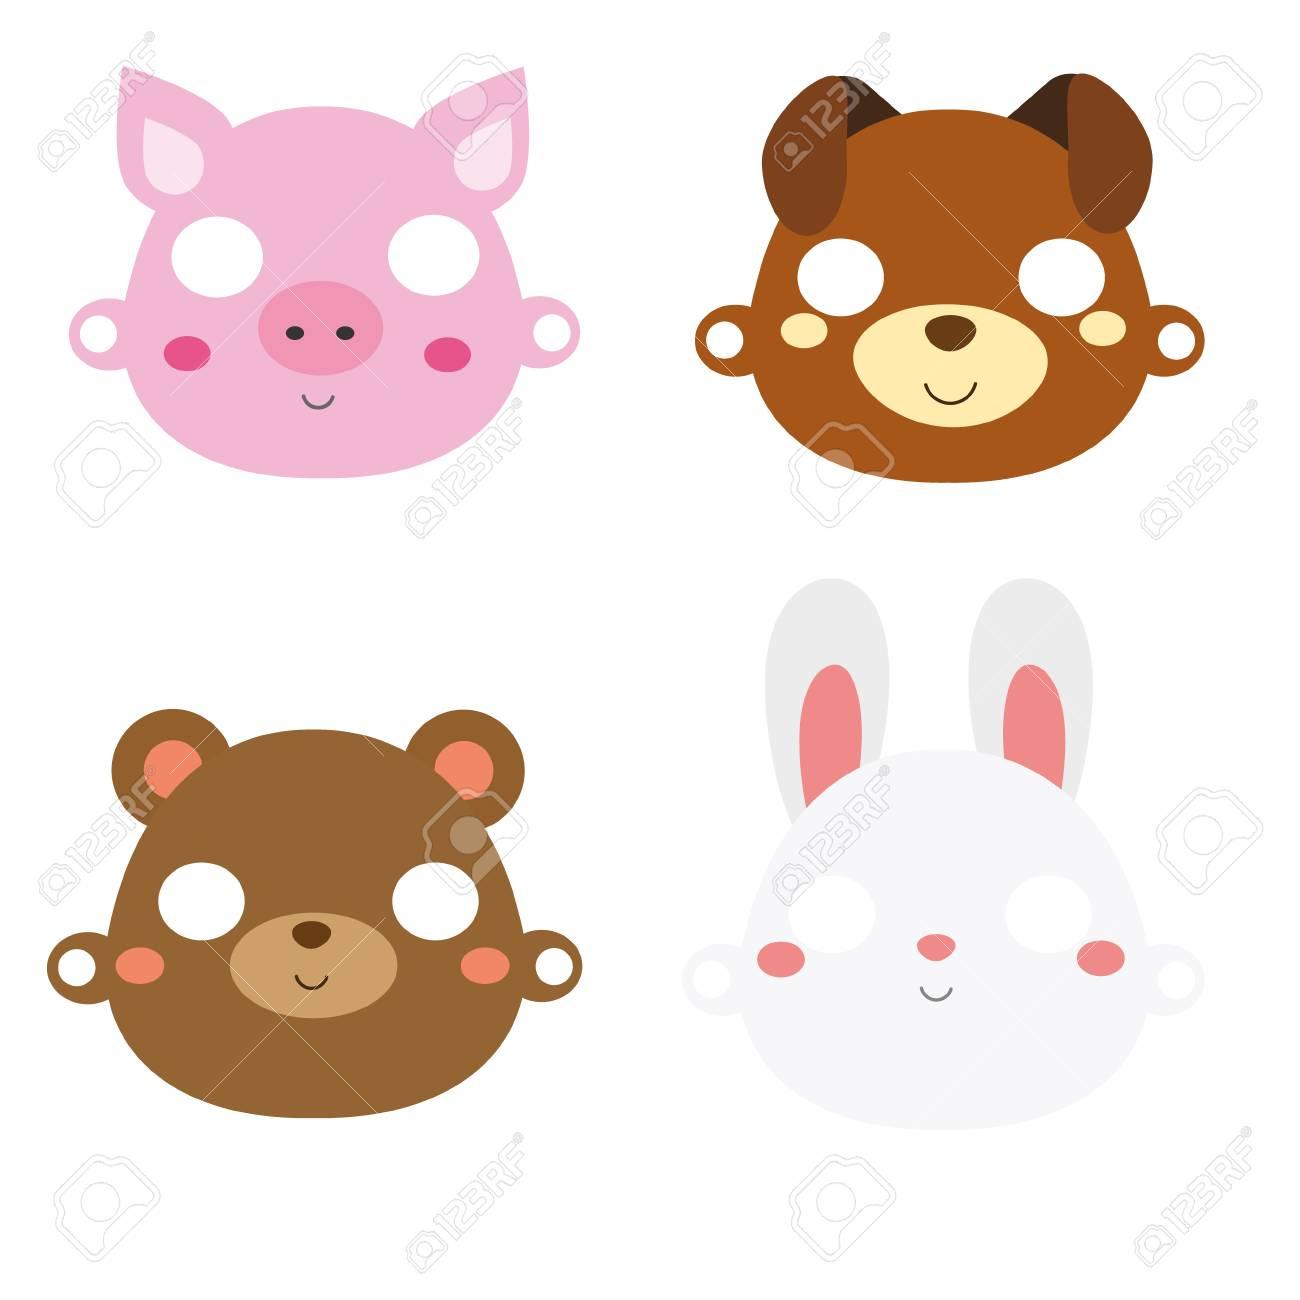 Animal paper masks  Pig, rabbit, bear and dog face masks for